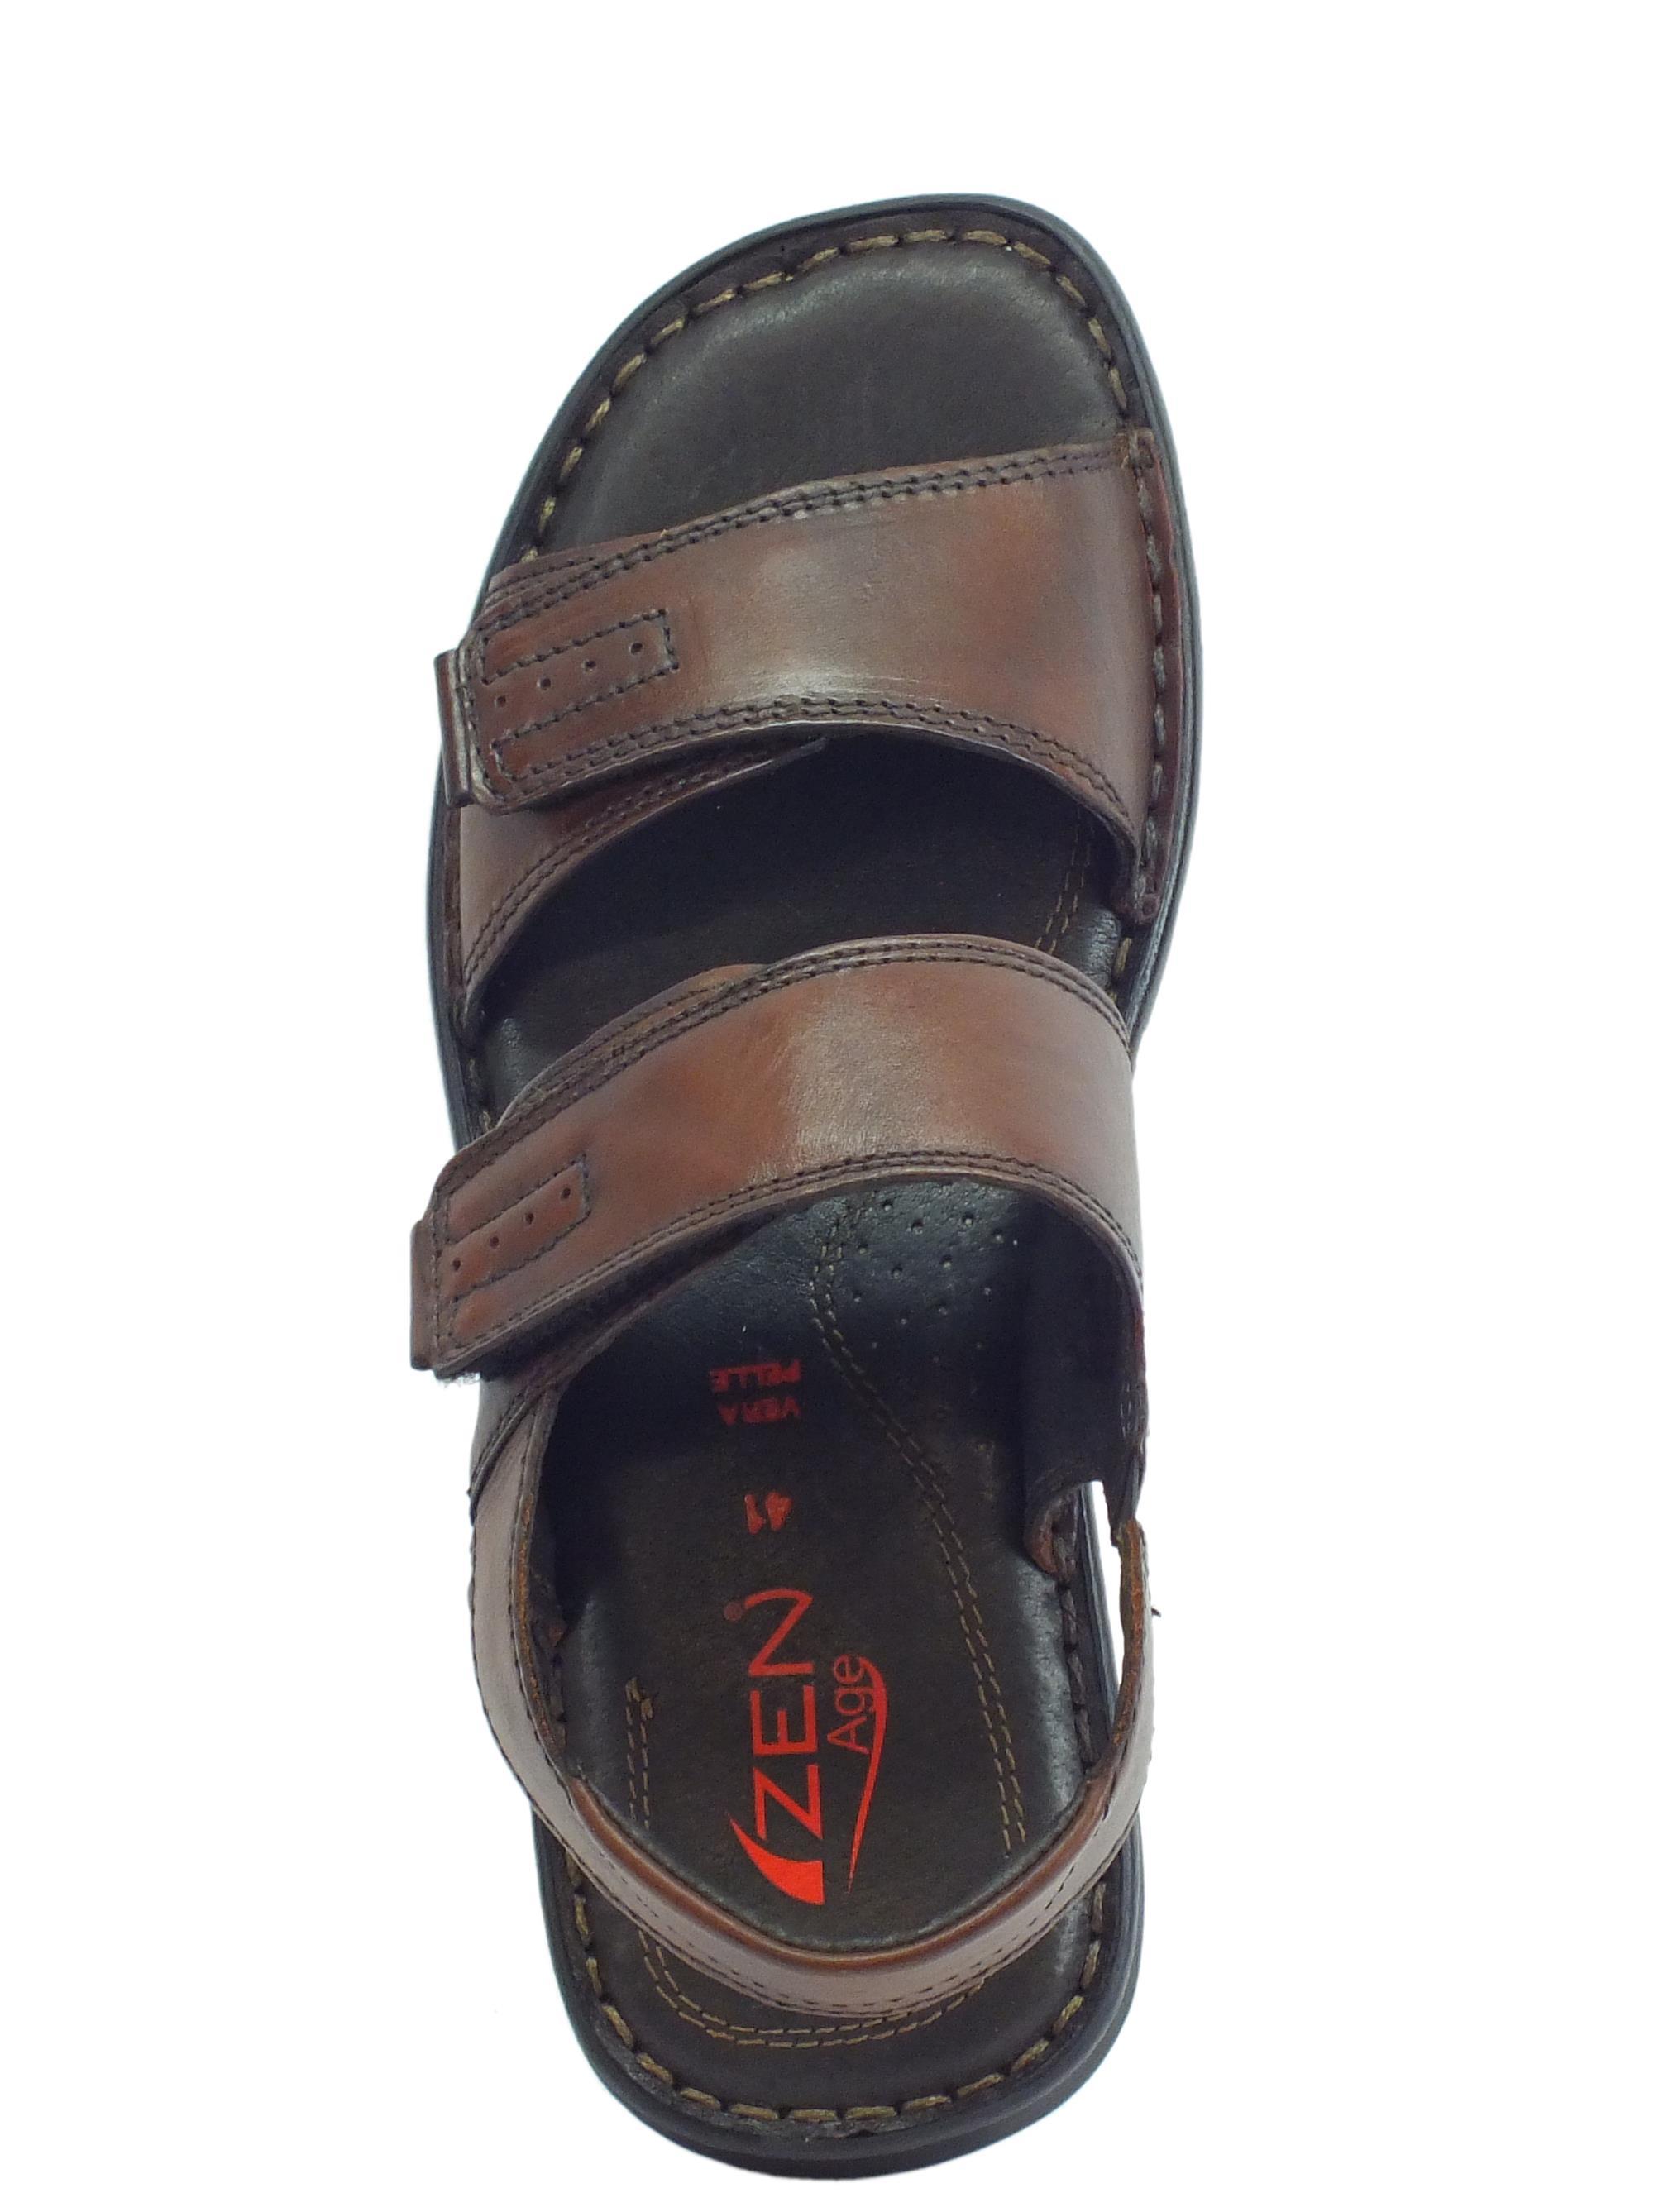 ... Sandali in pelle Zen per uomo testa di moro doppia chiusura a strappo ba531075460